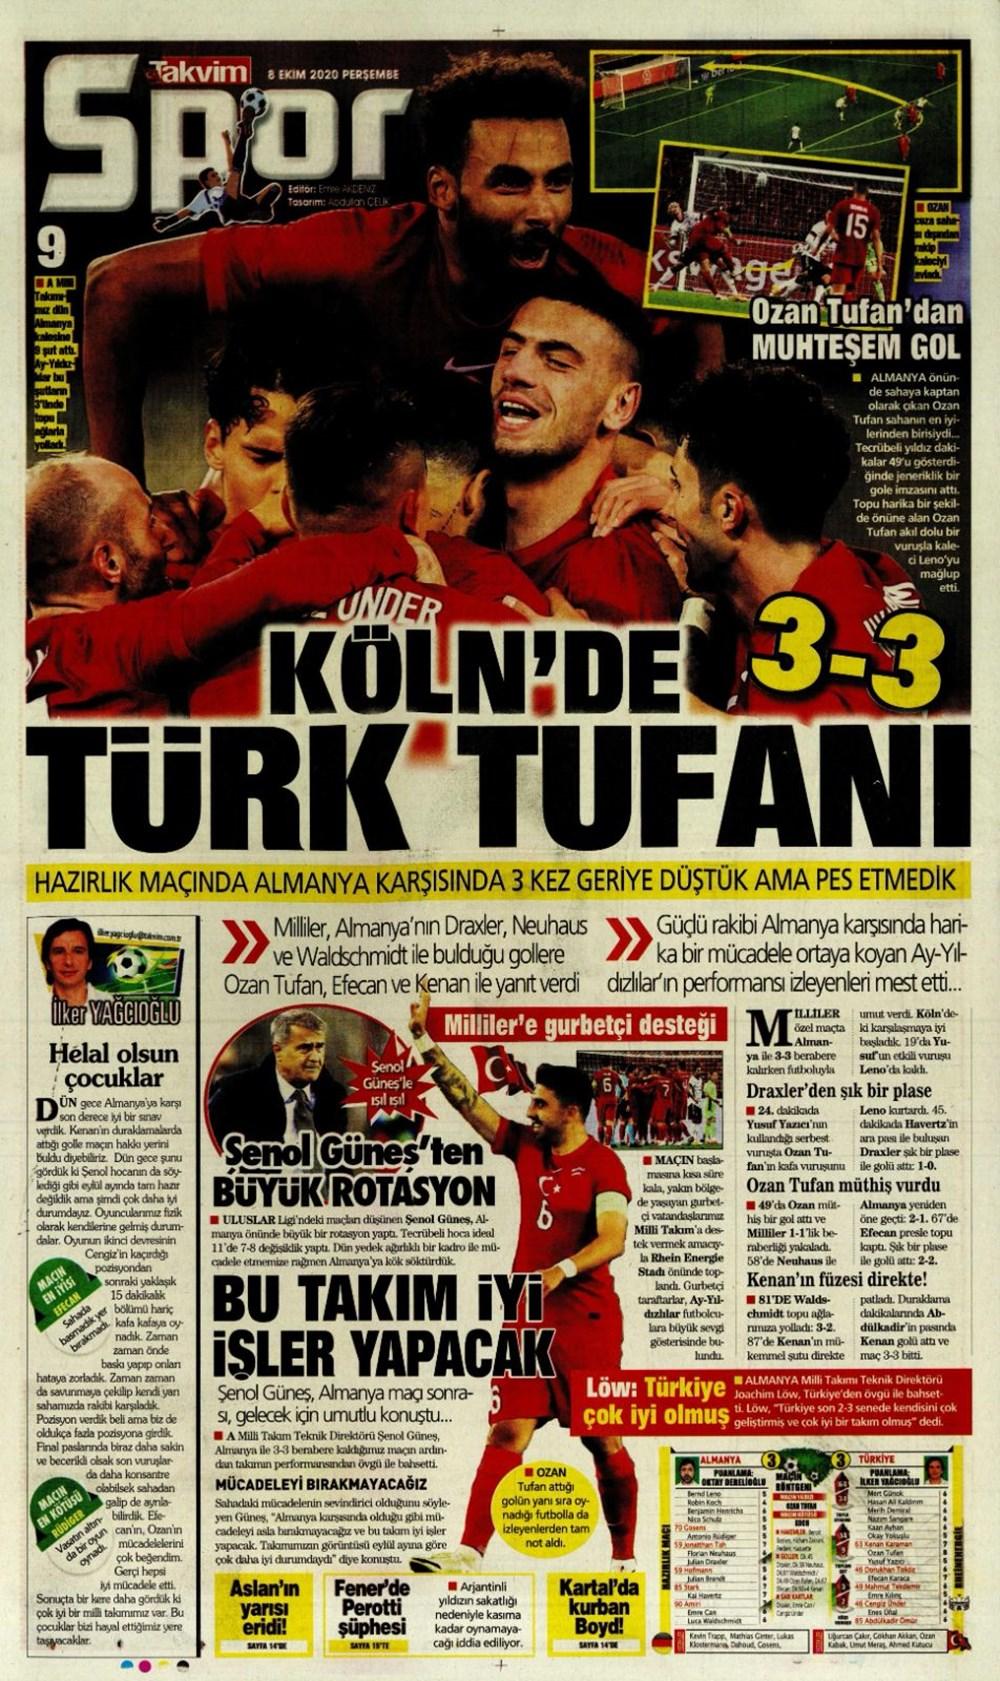 Günün spor manşetleri (8 Ekim 2020) - 13